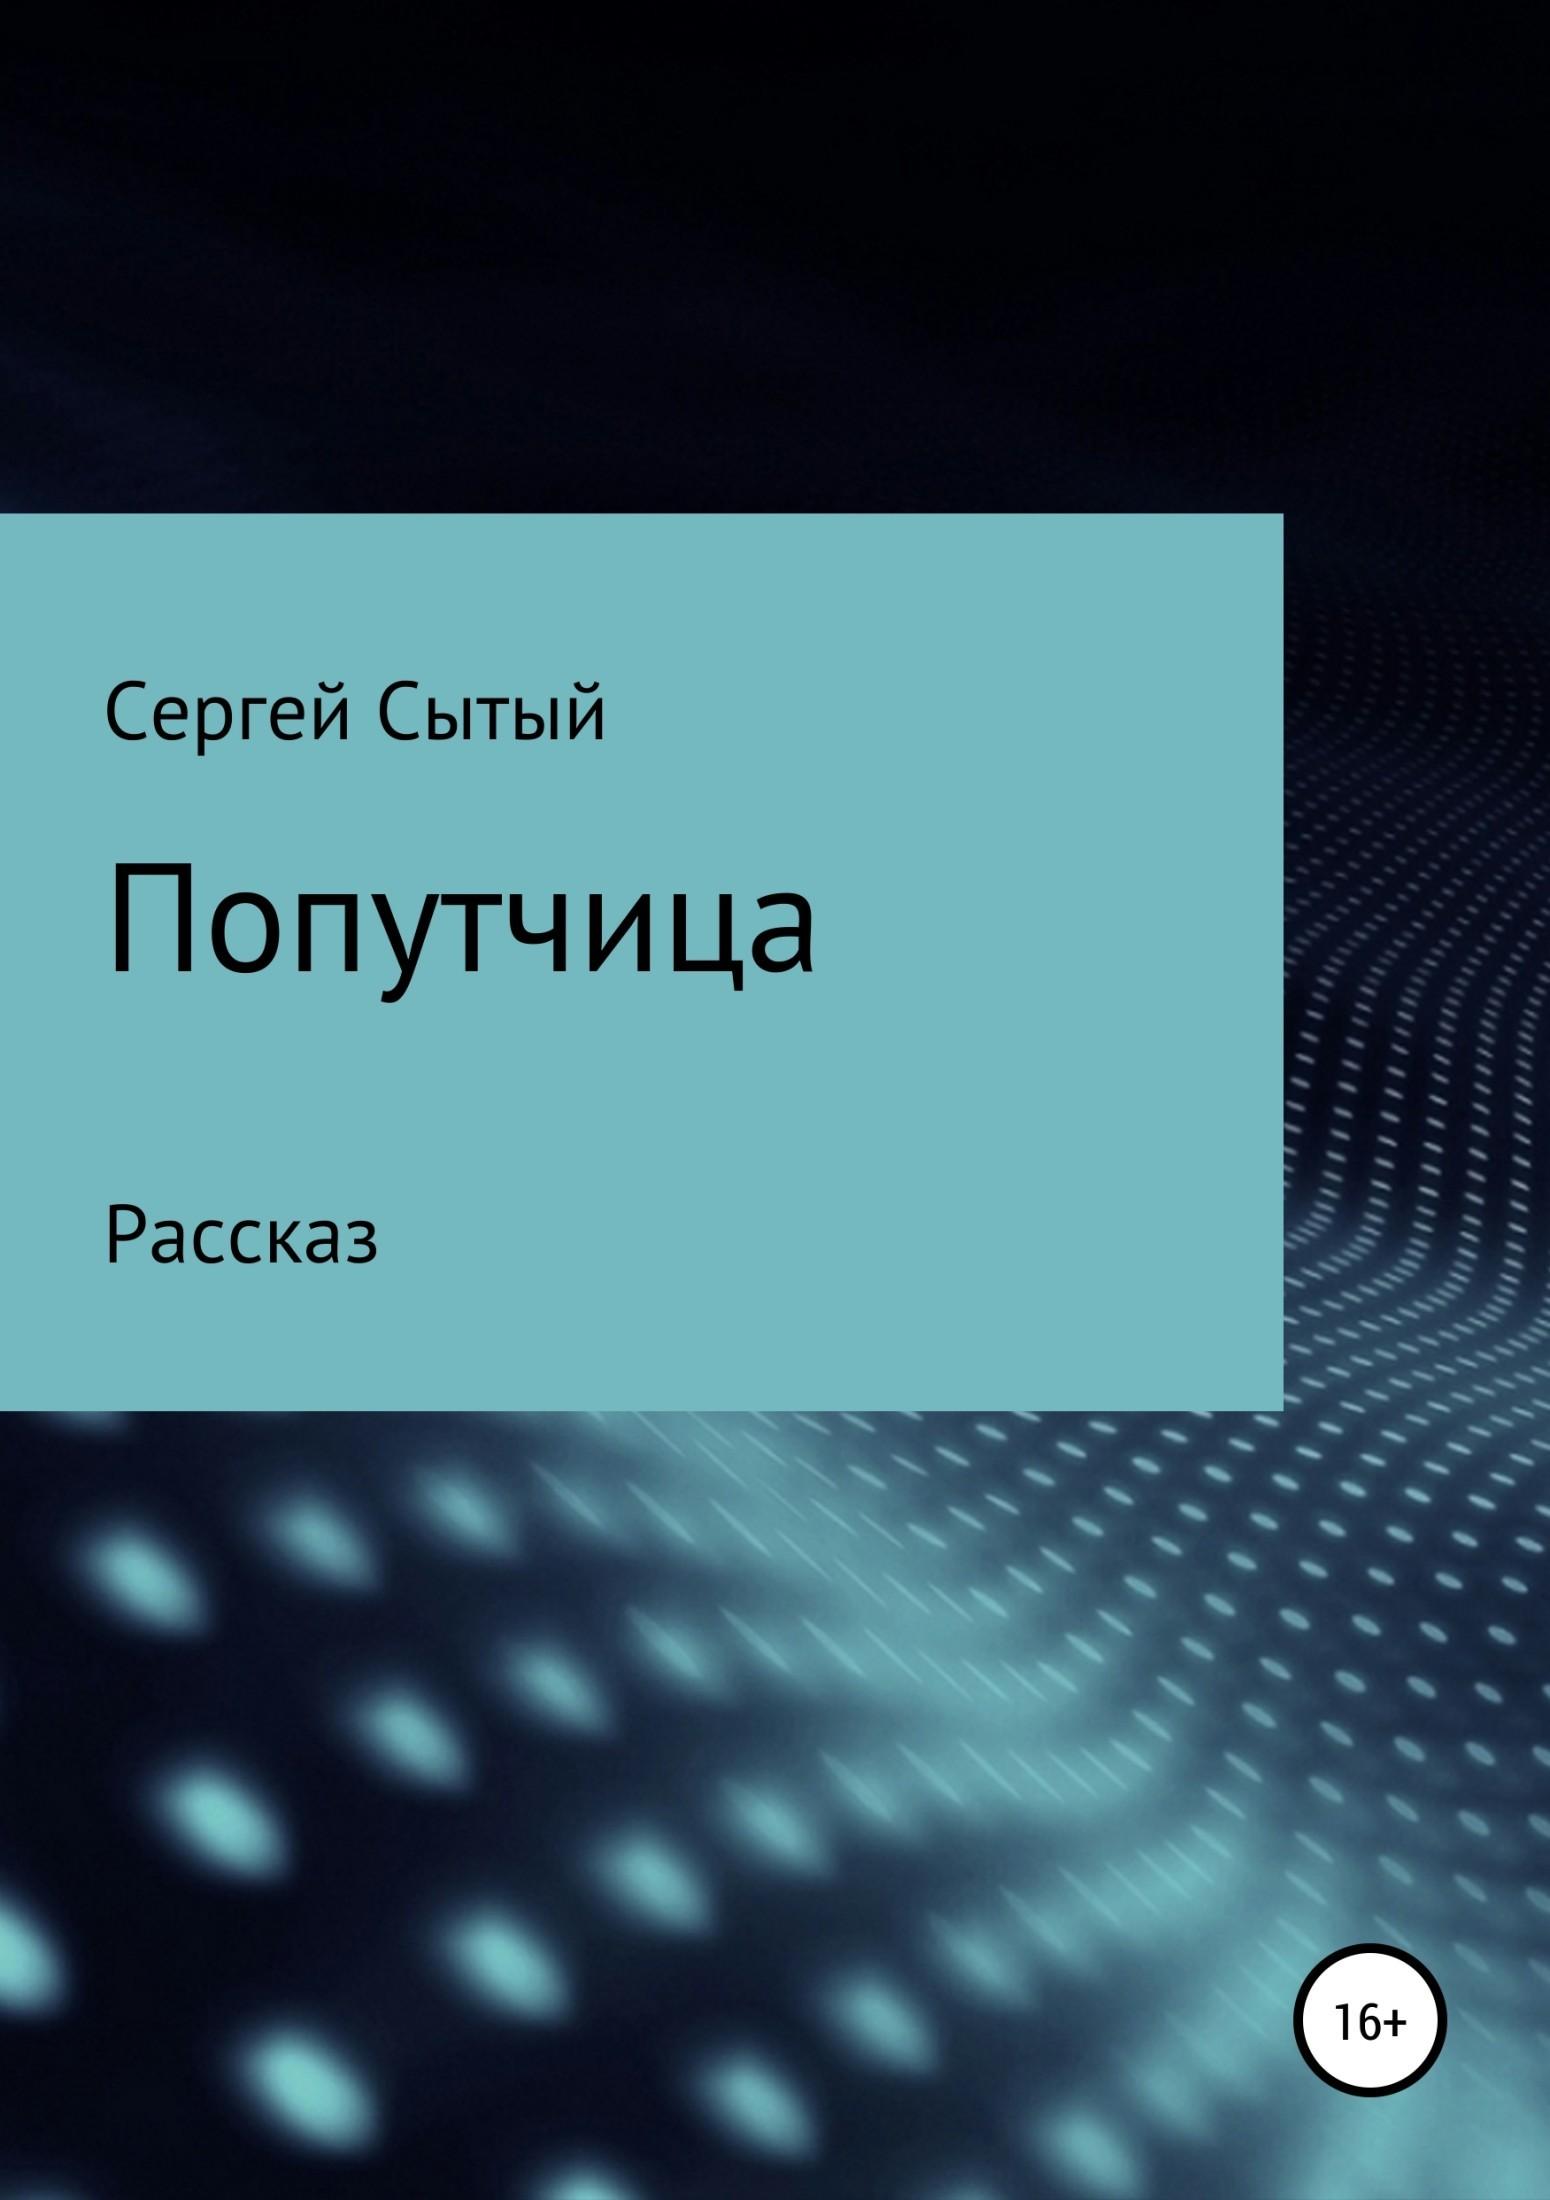 Сергей Леонидович Сытый Попутчица это как день посреди ночи